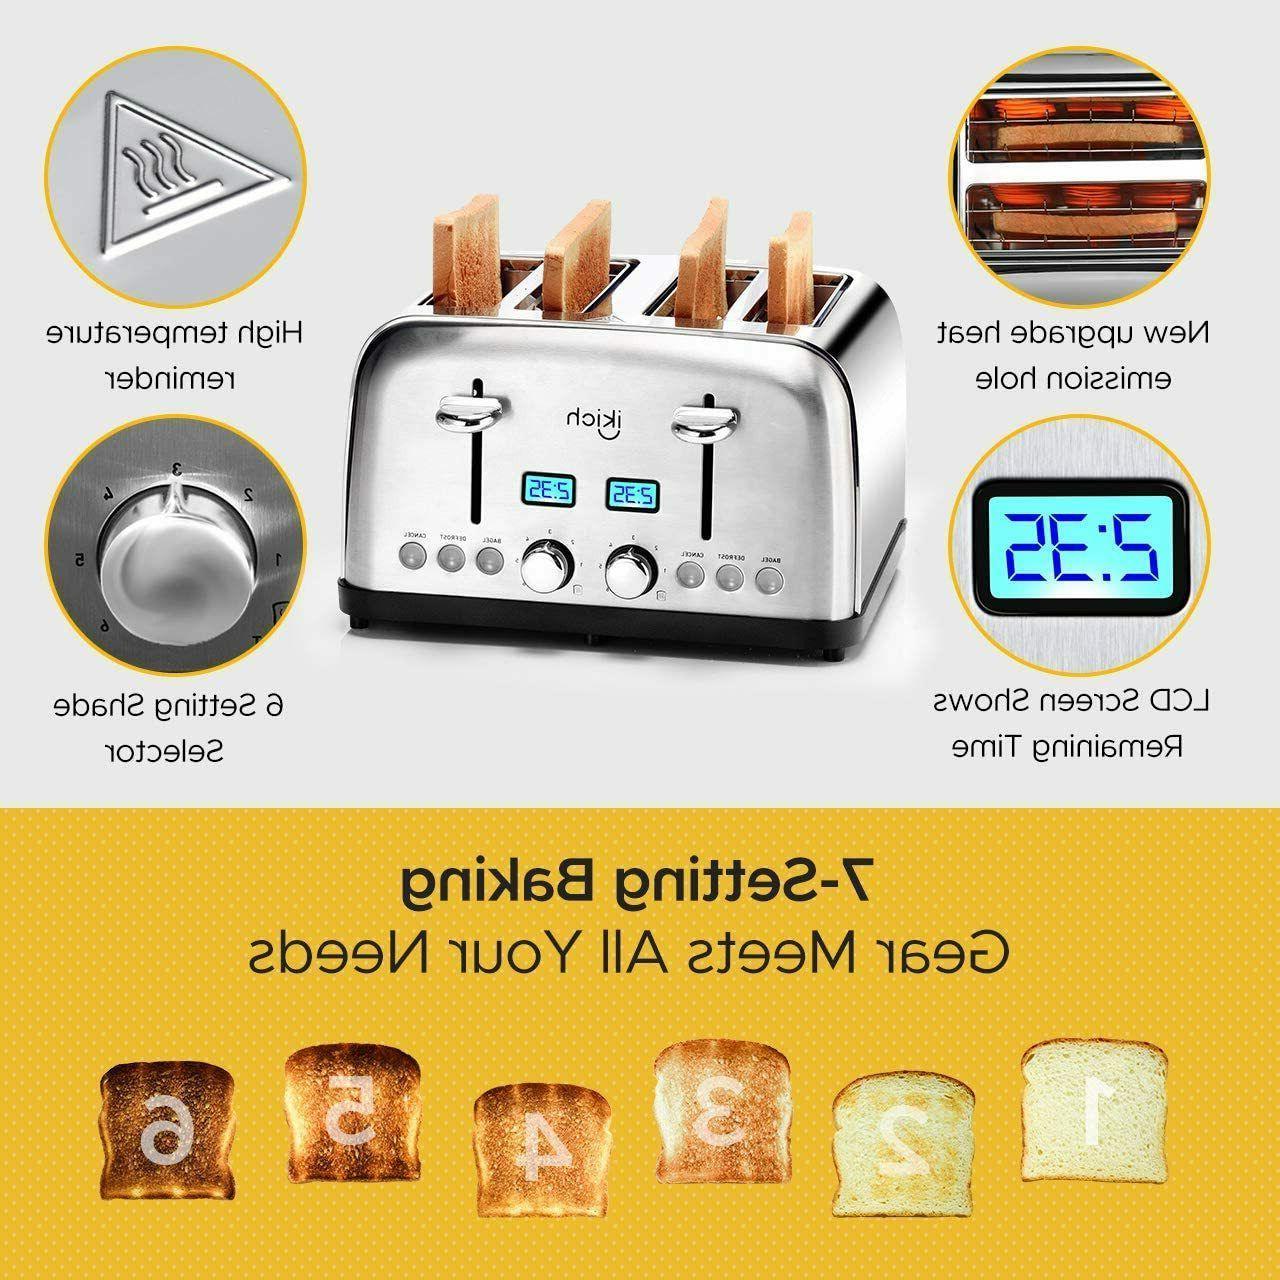 4 Toaster Steel Settings